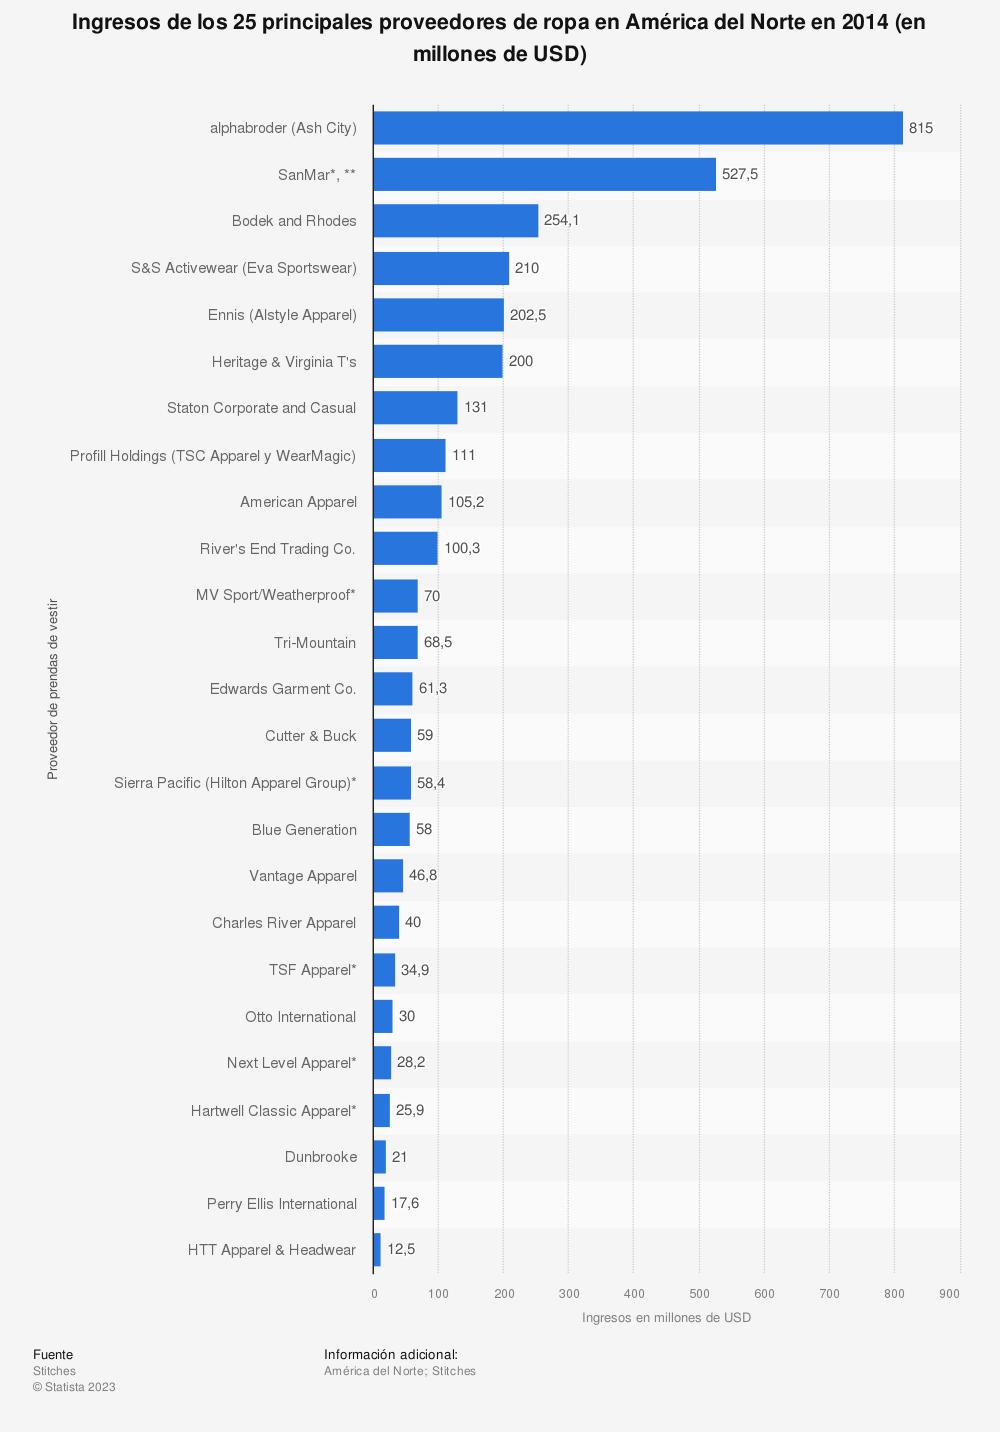 Estadística: Ingresos de los 25 principales proveedores de ropa en América del Norte en 2014 (en millones de USD) | Statista